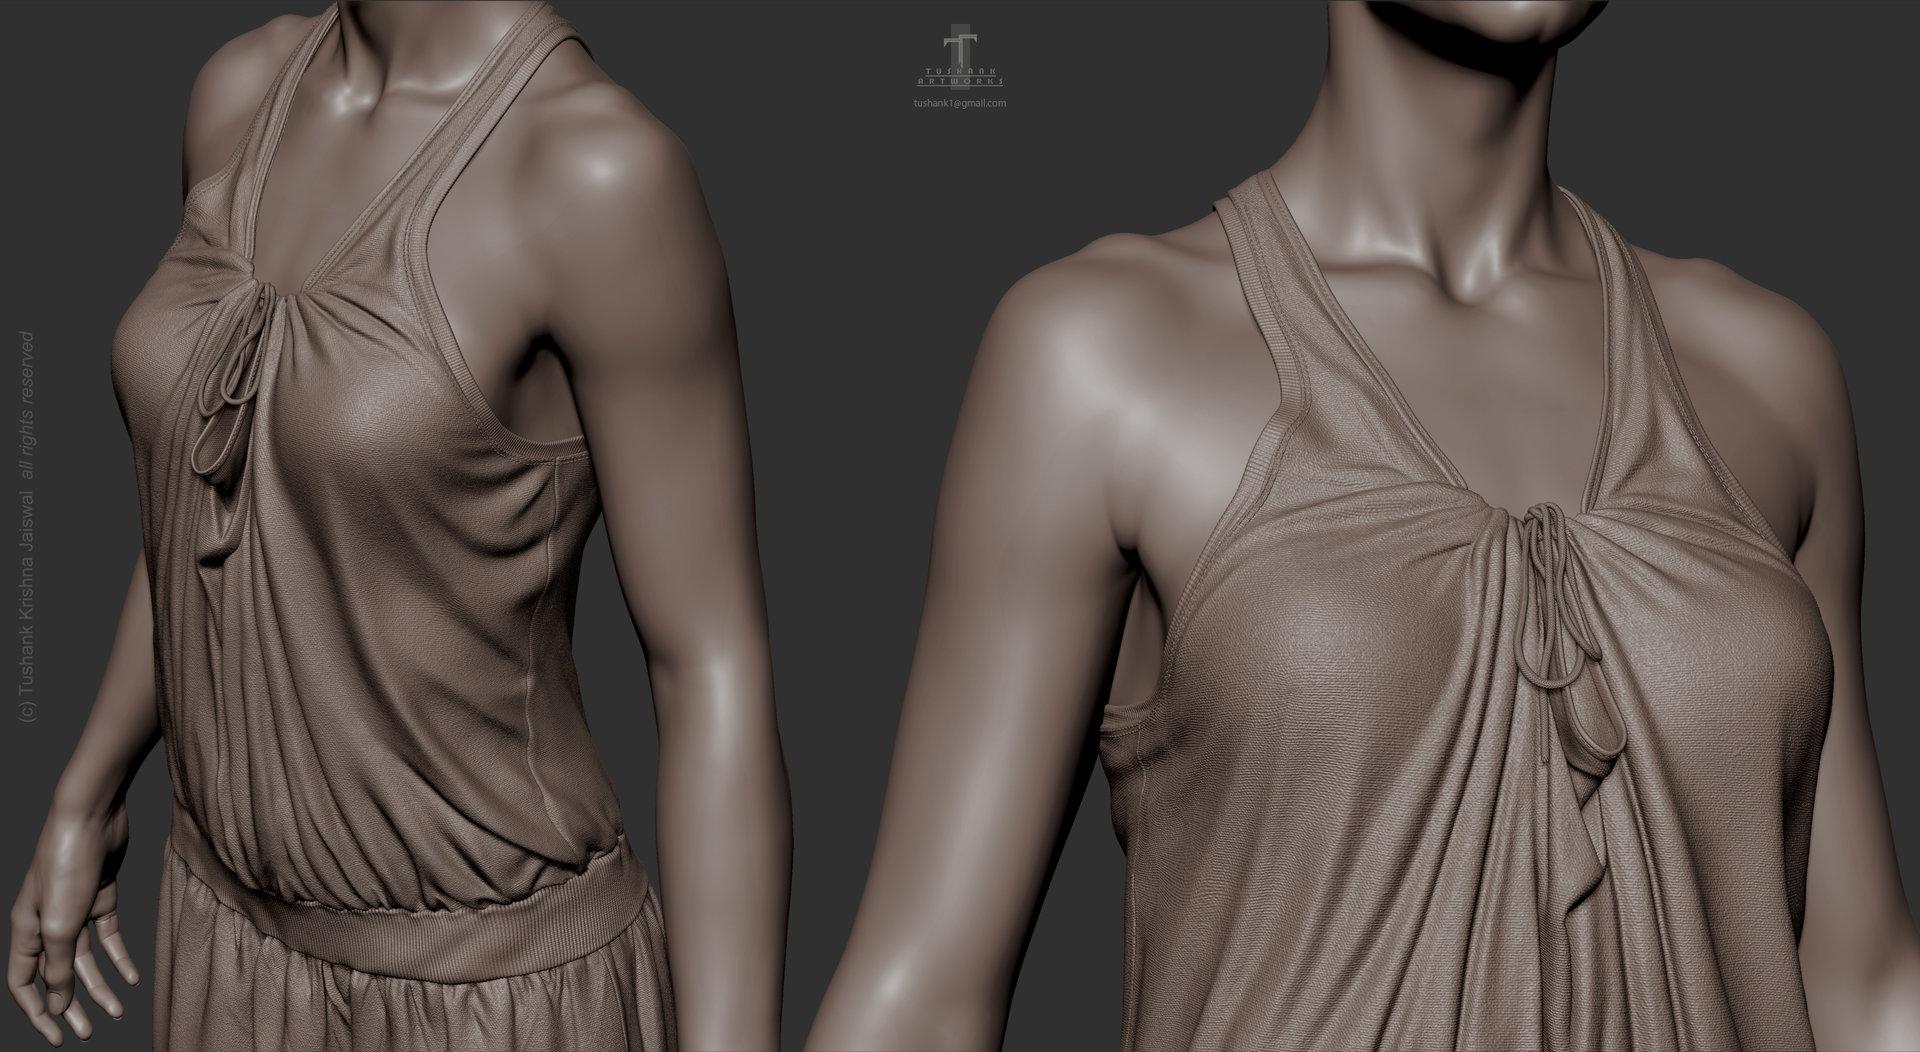 Tushank k jaiswal anatomy study female clothing close ups 1